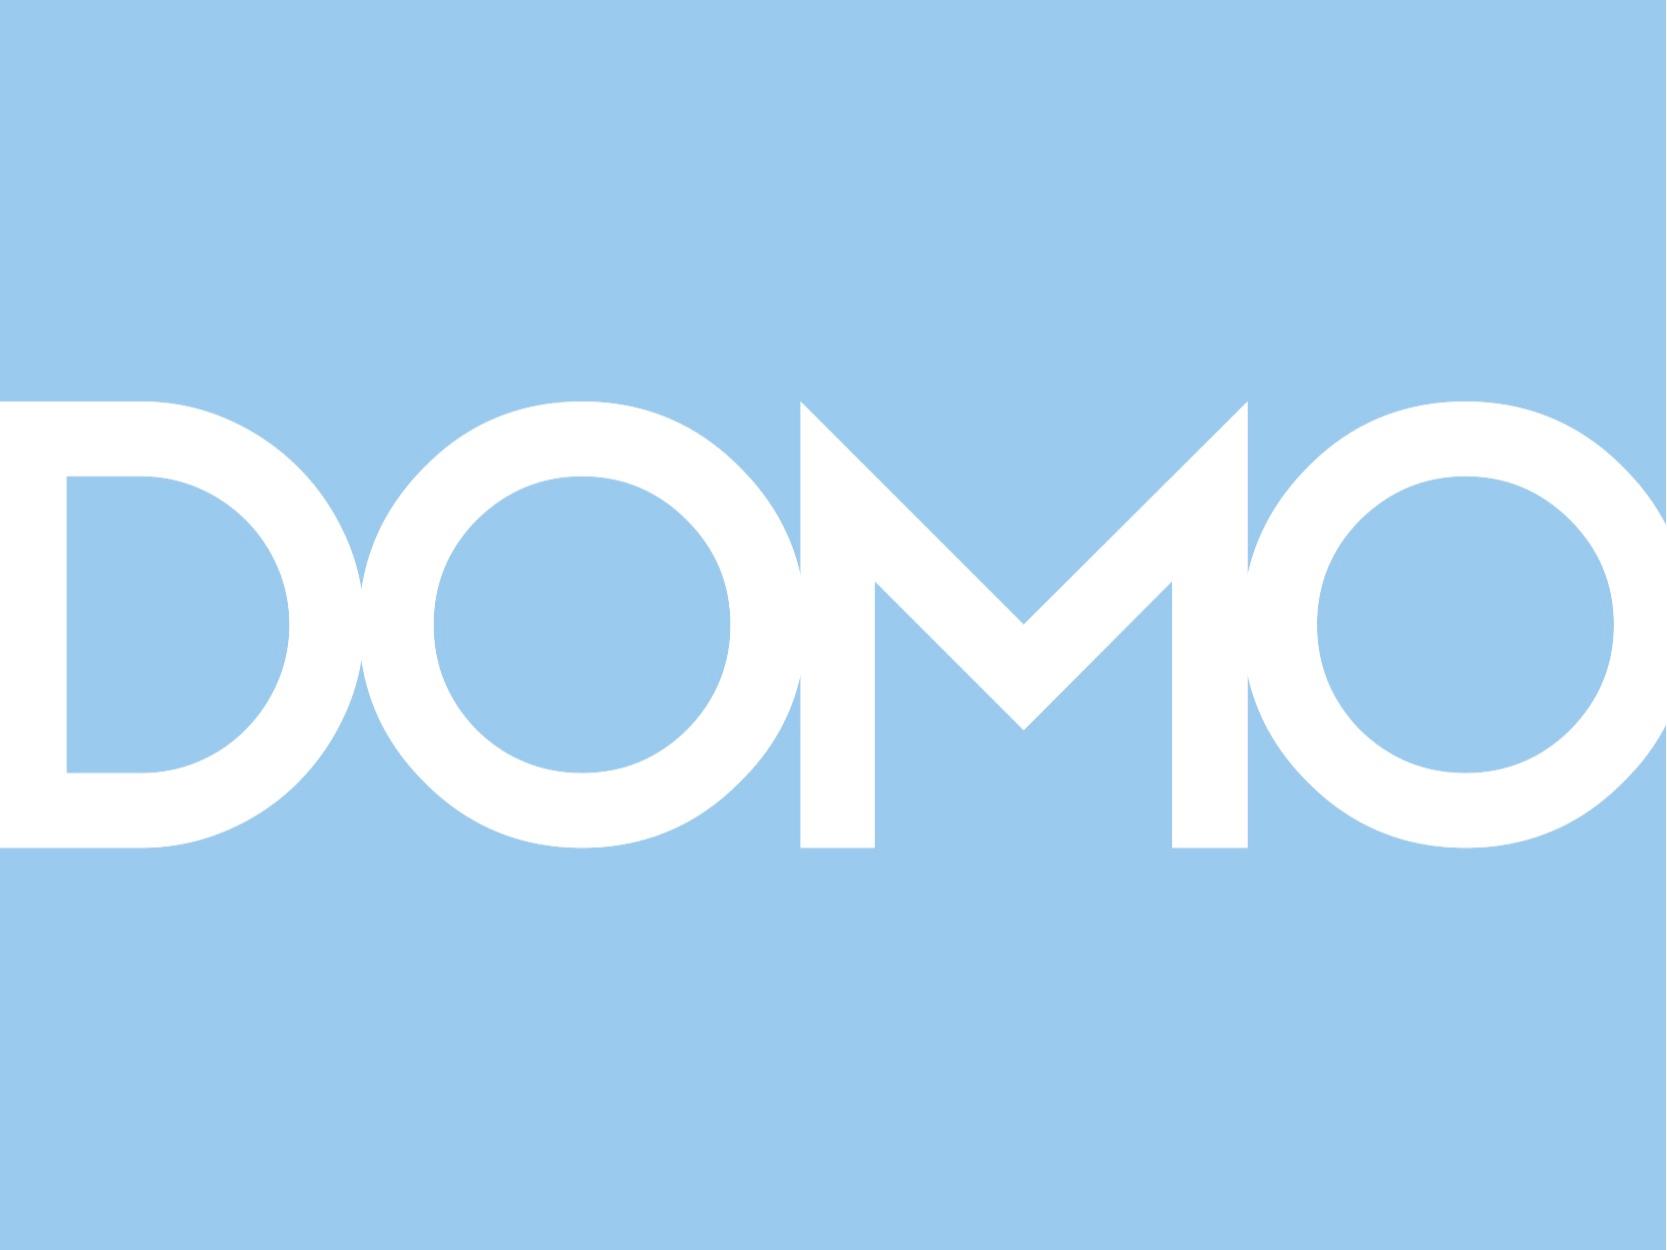 Domo's logo